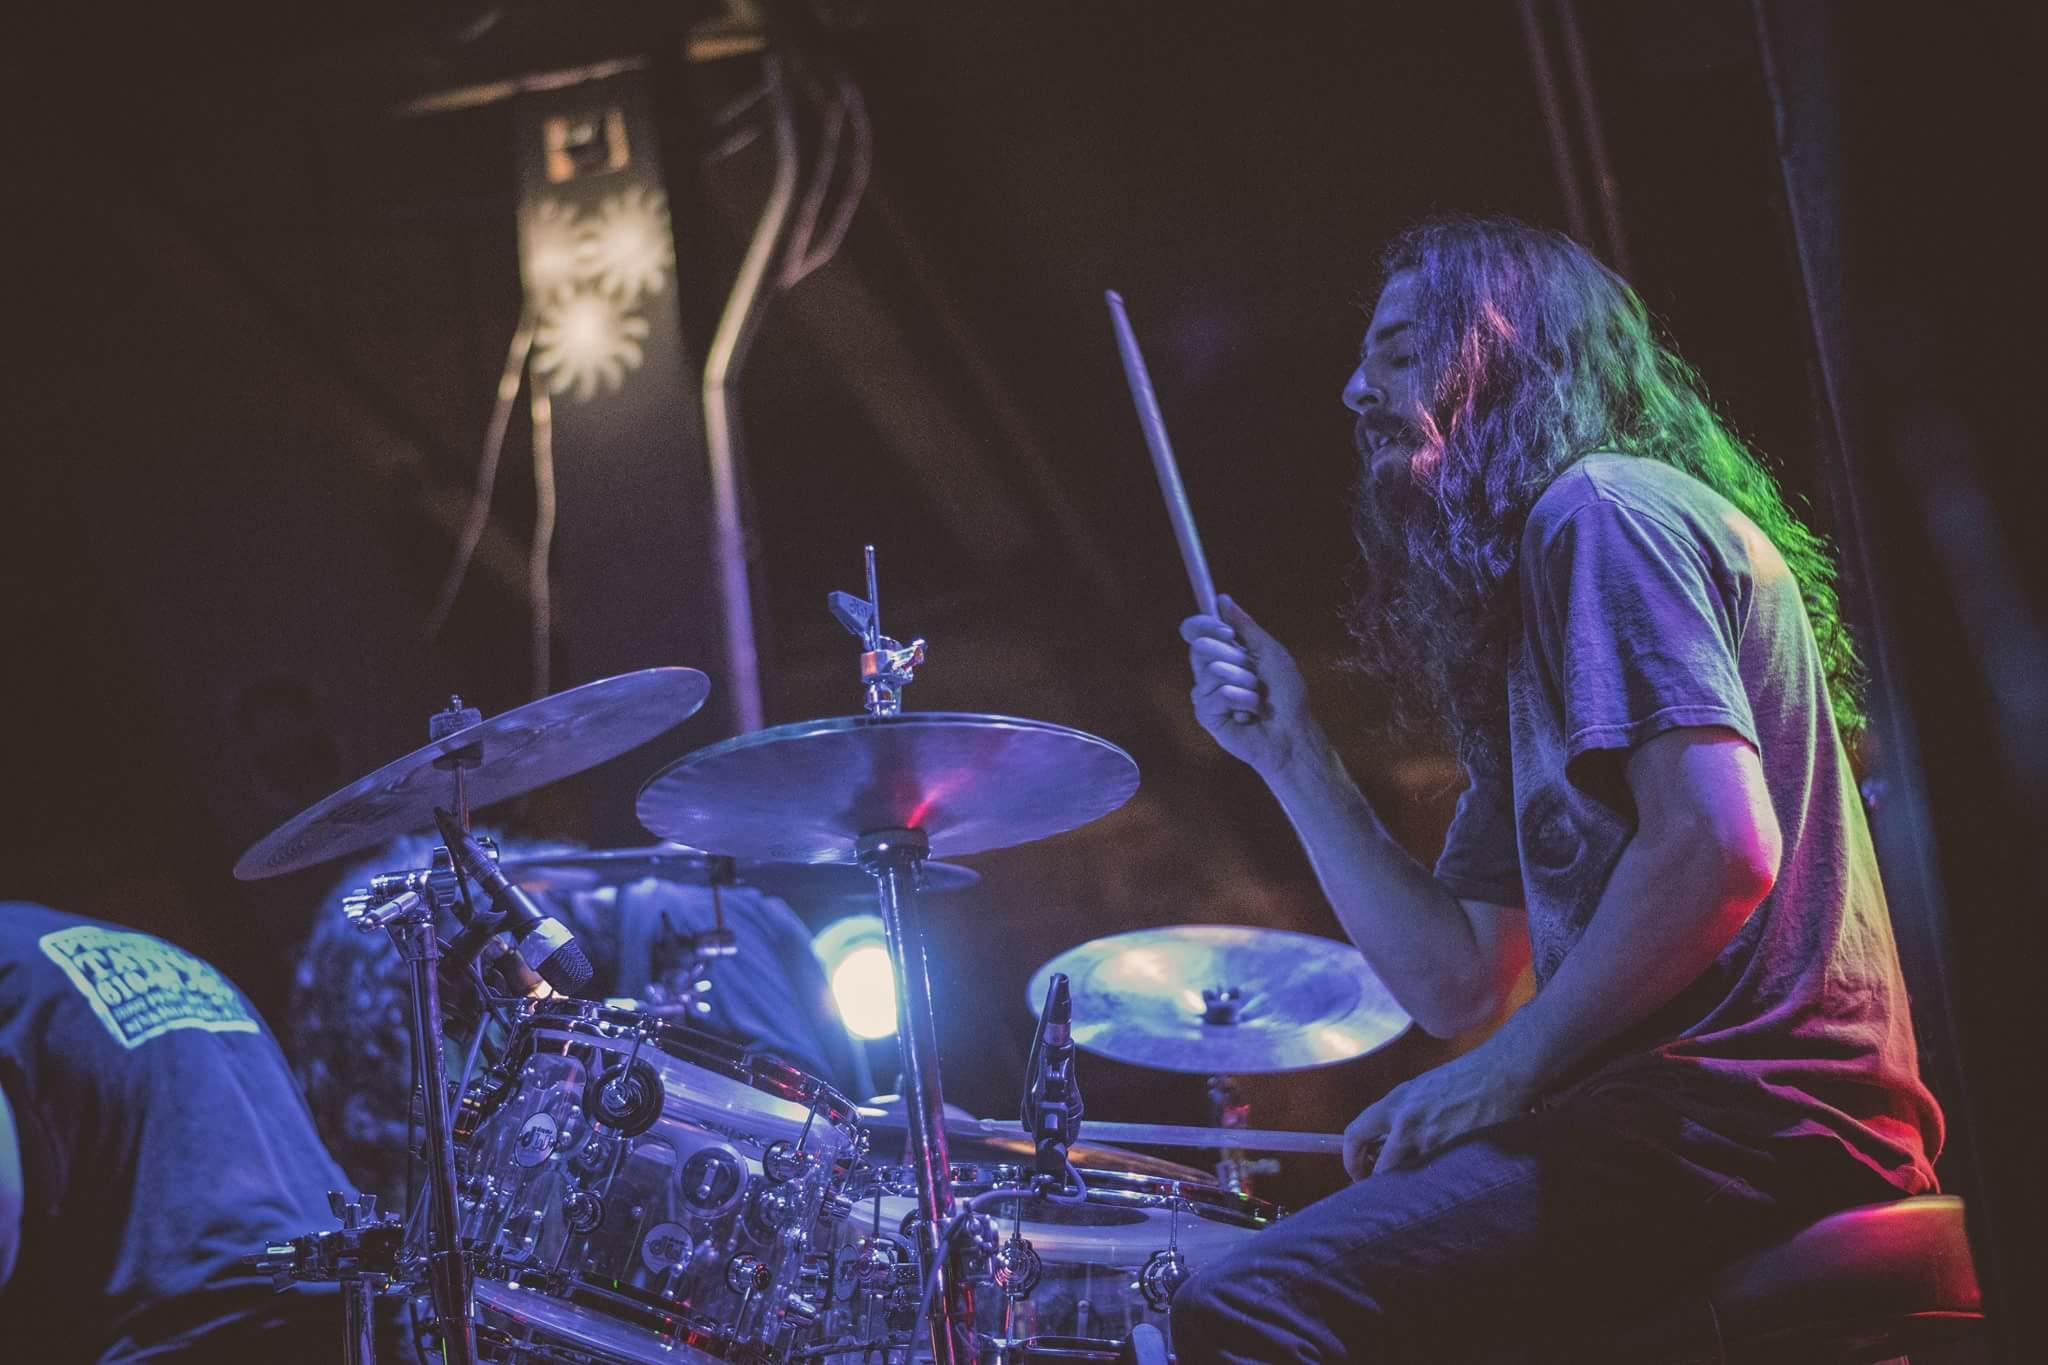 jared klein drummer